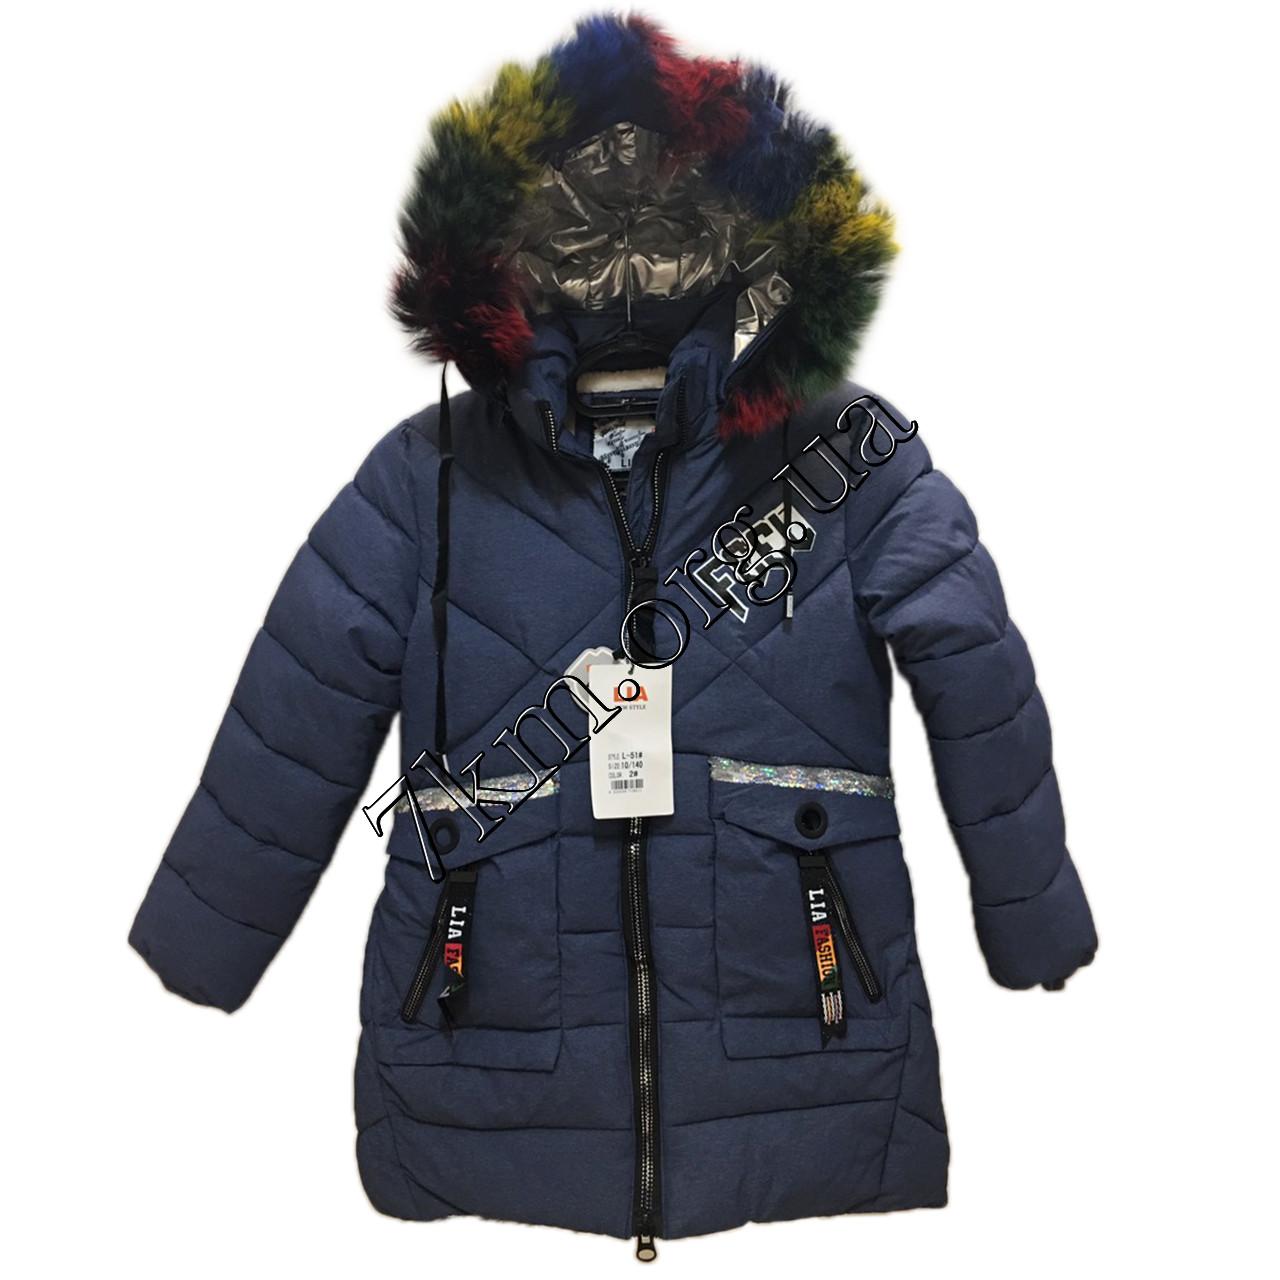 Куртка підліткова для дівчаток 134-158 див. Україна Оптом 261105-2